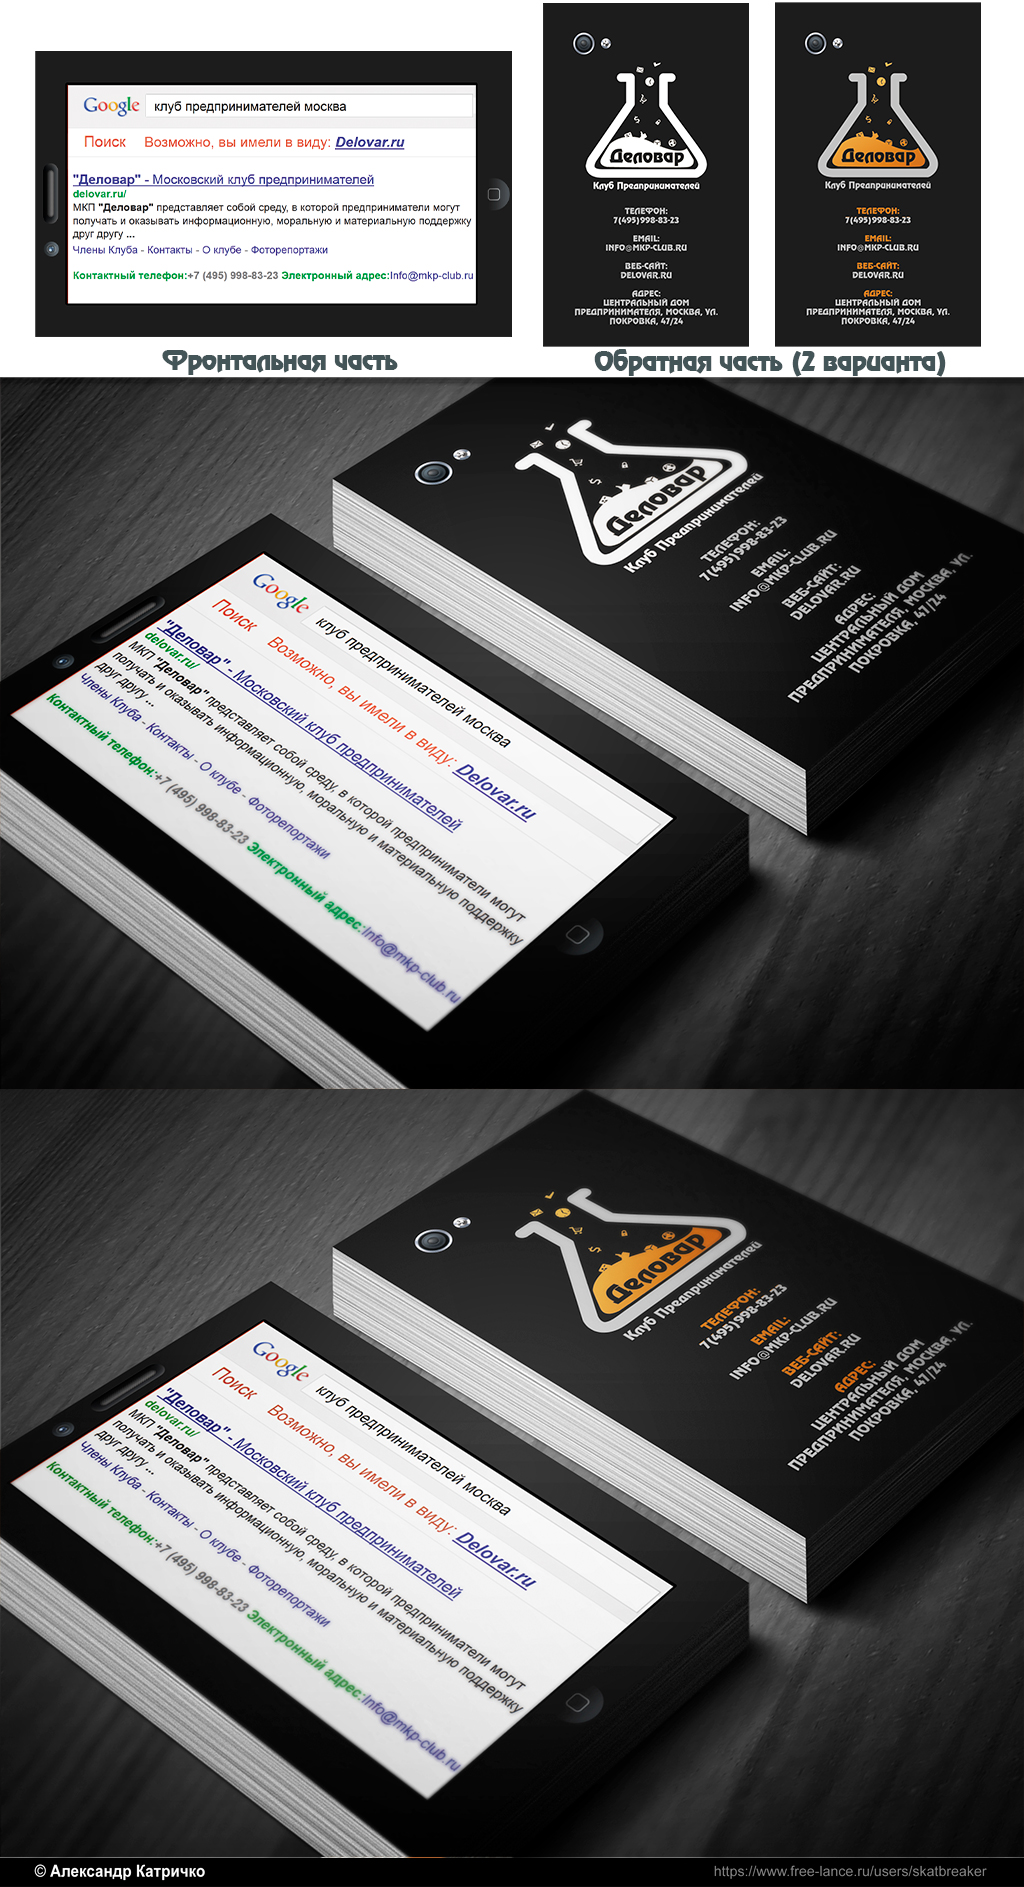 """Логотип и фирм. стиль для Клуба предпринимателей """"Деловар"""" фото f_5049fc1e3d97e.jpg"""